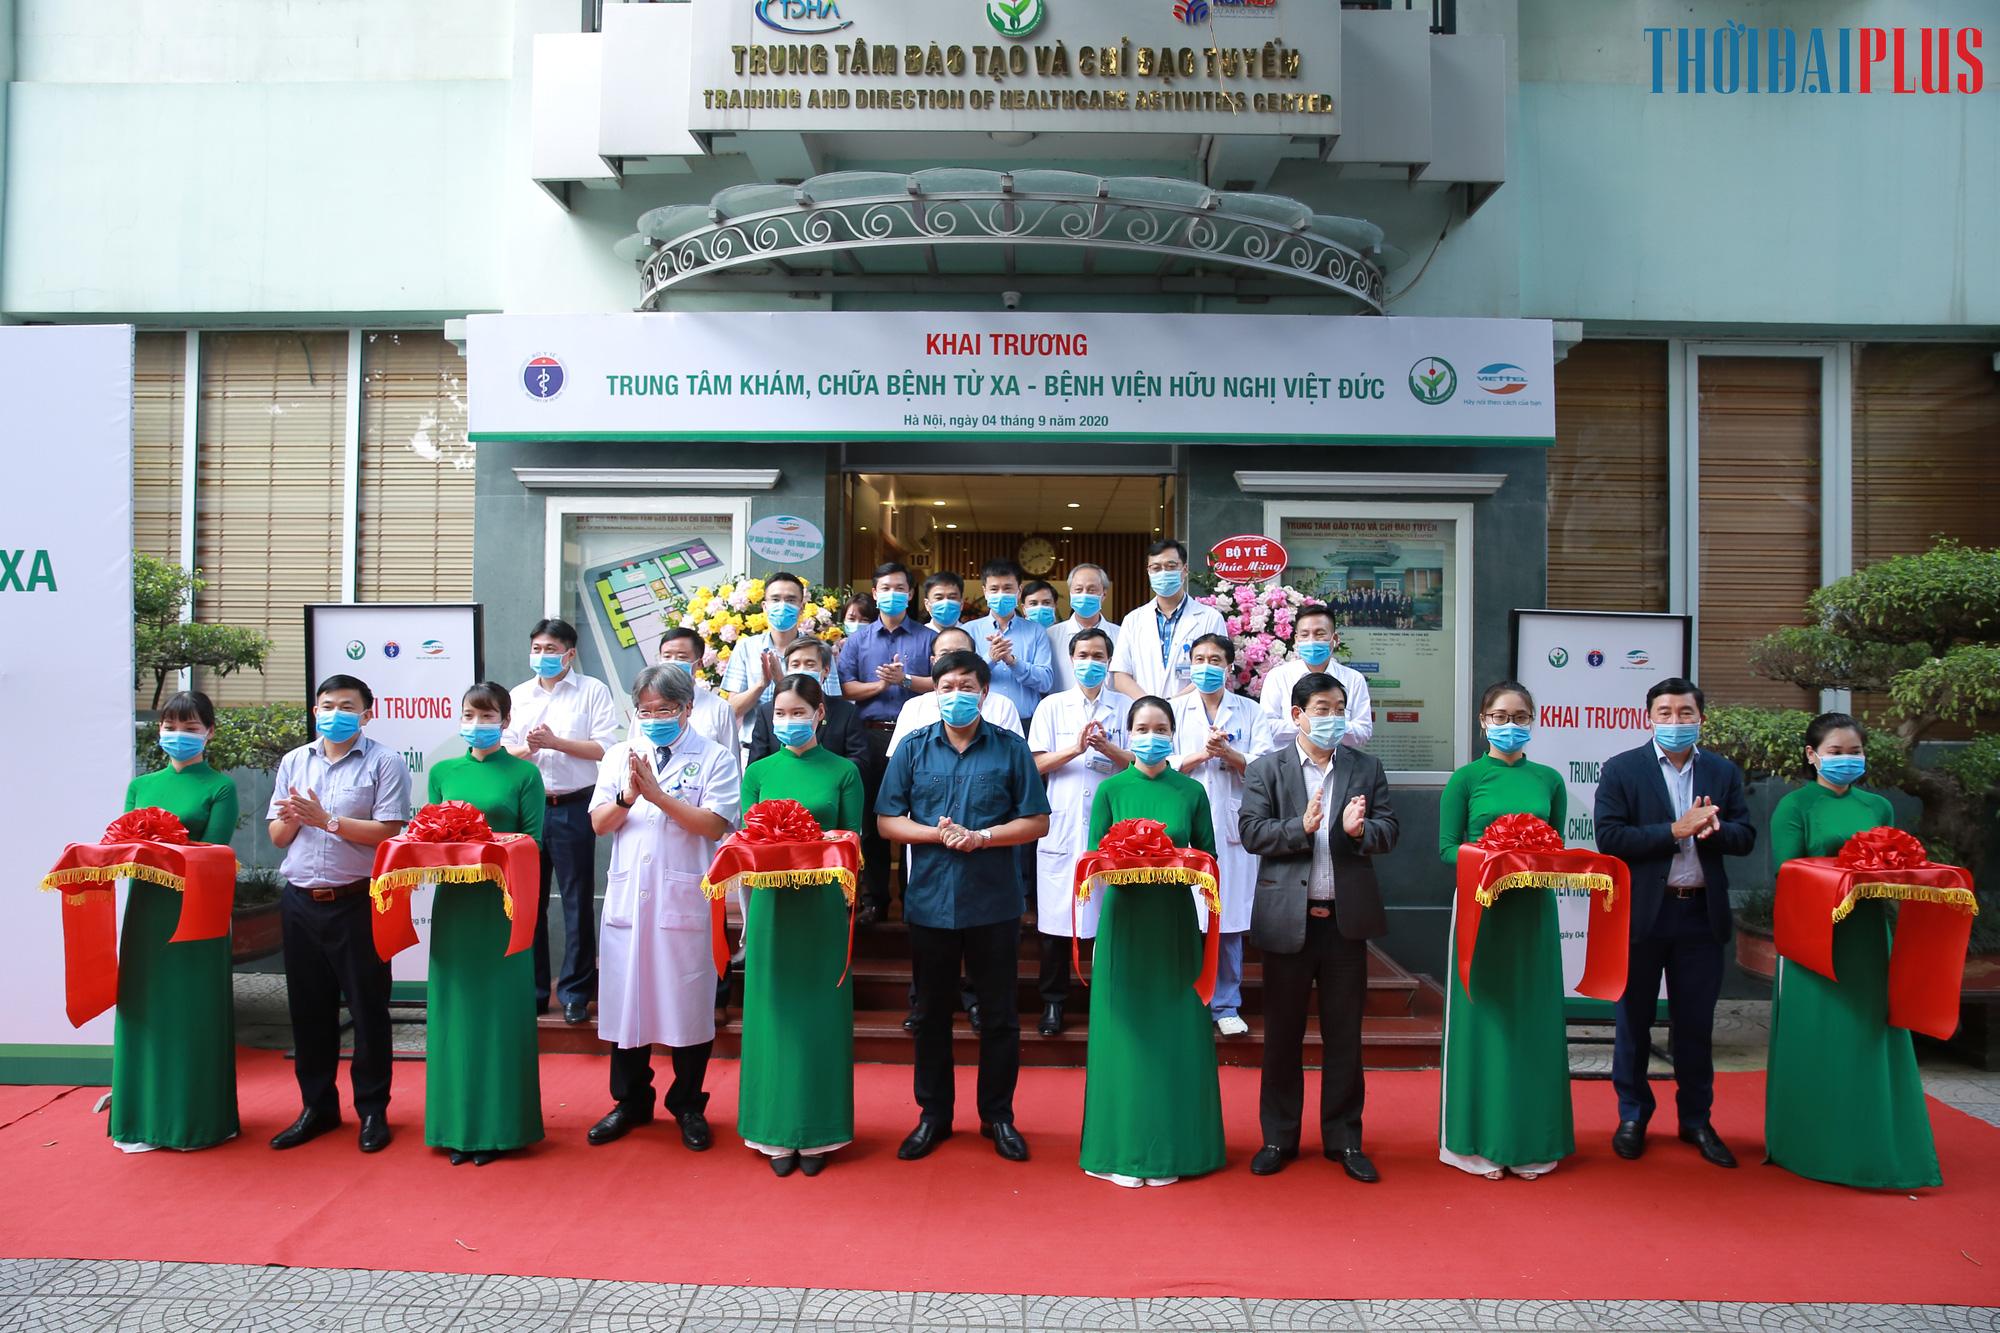 Telehealth và trăn trở từ 15 năm trước của Giám đốc Bệnh viện Việt Đức - Ảnh 5.